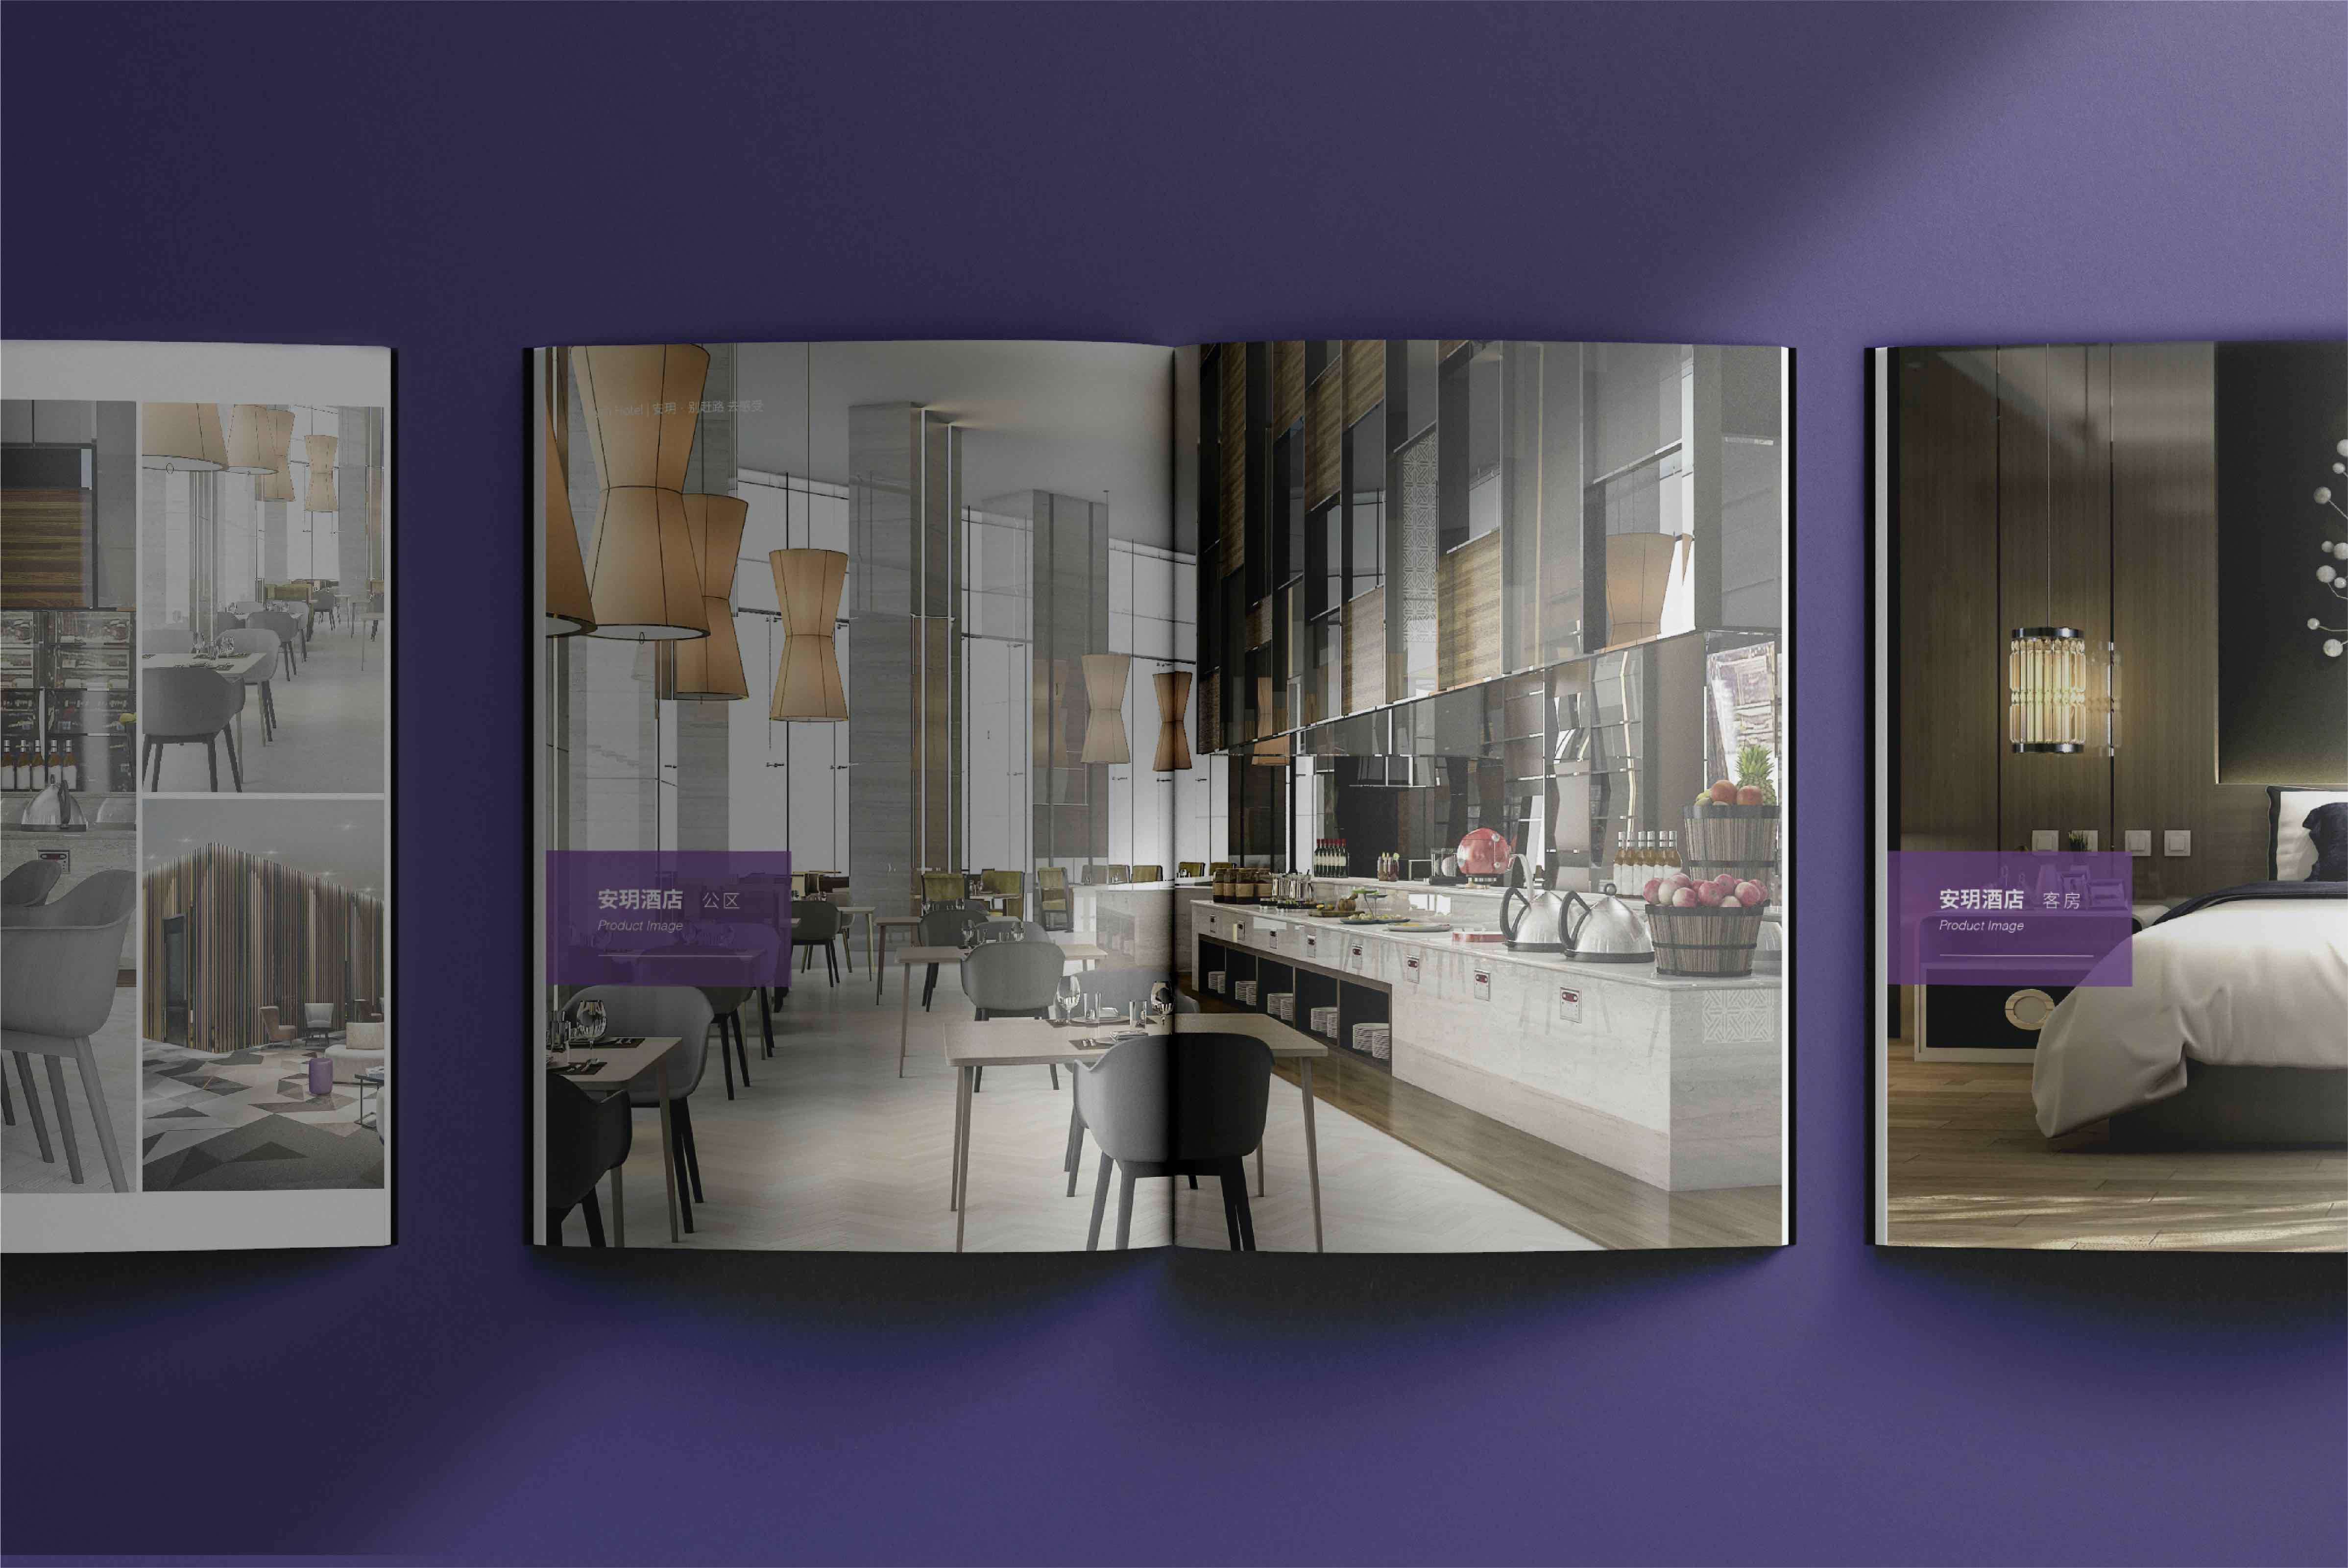 安玥酒店画册设计-品牌宣传画册-杭州品牌策划设计